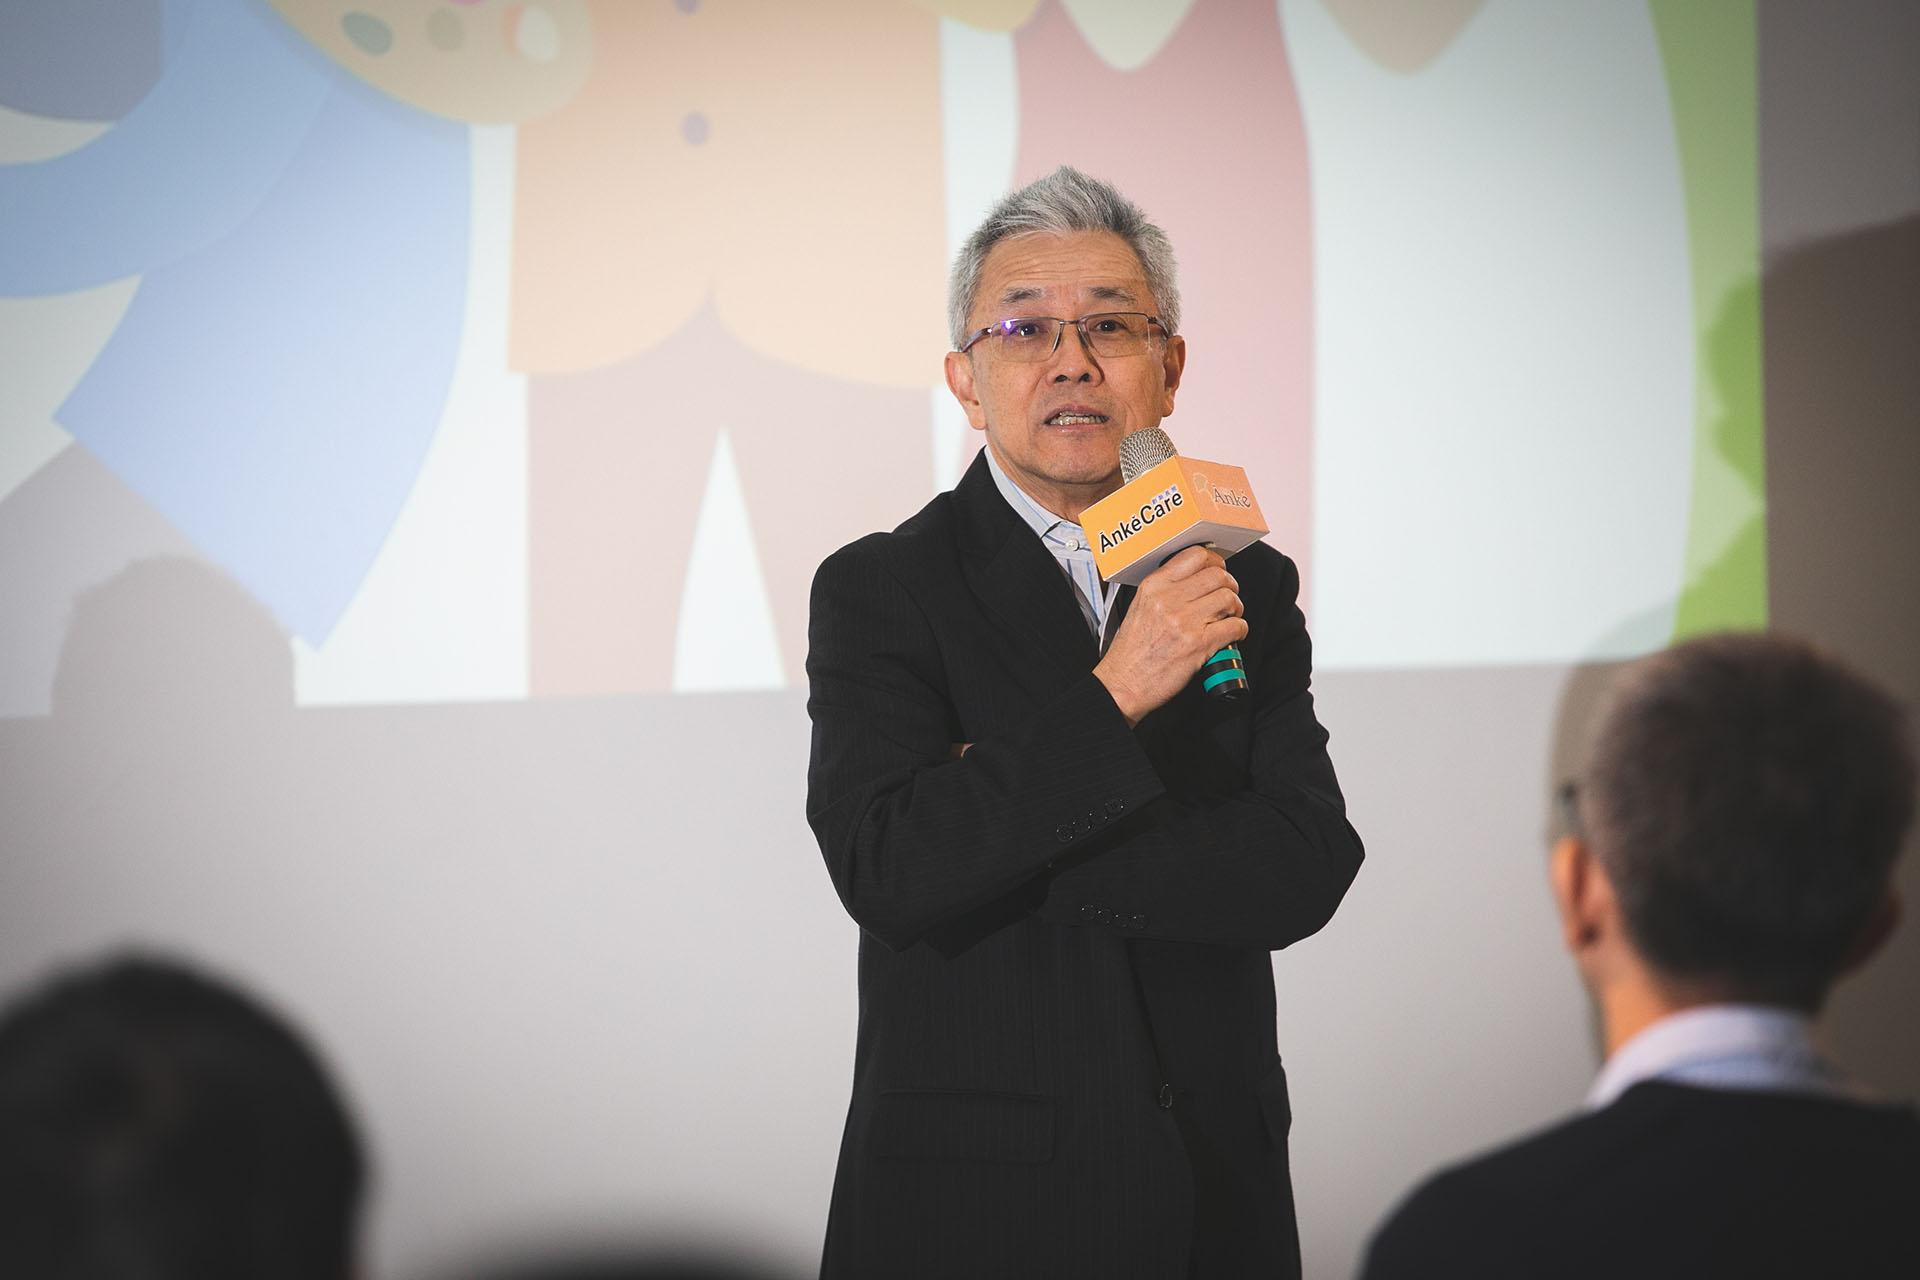 主辦單位《安可人生》雜誌創辦人李正雄先生致詞歡迎各界一同前來共襄盛舉。